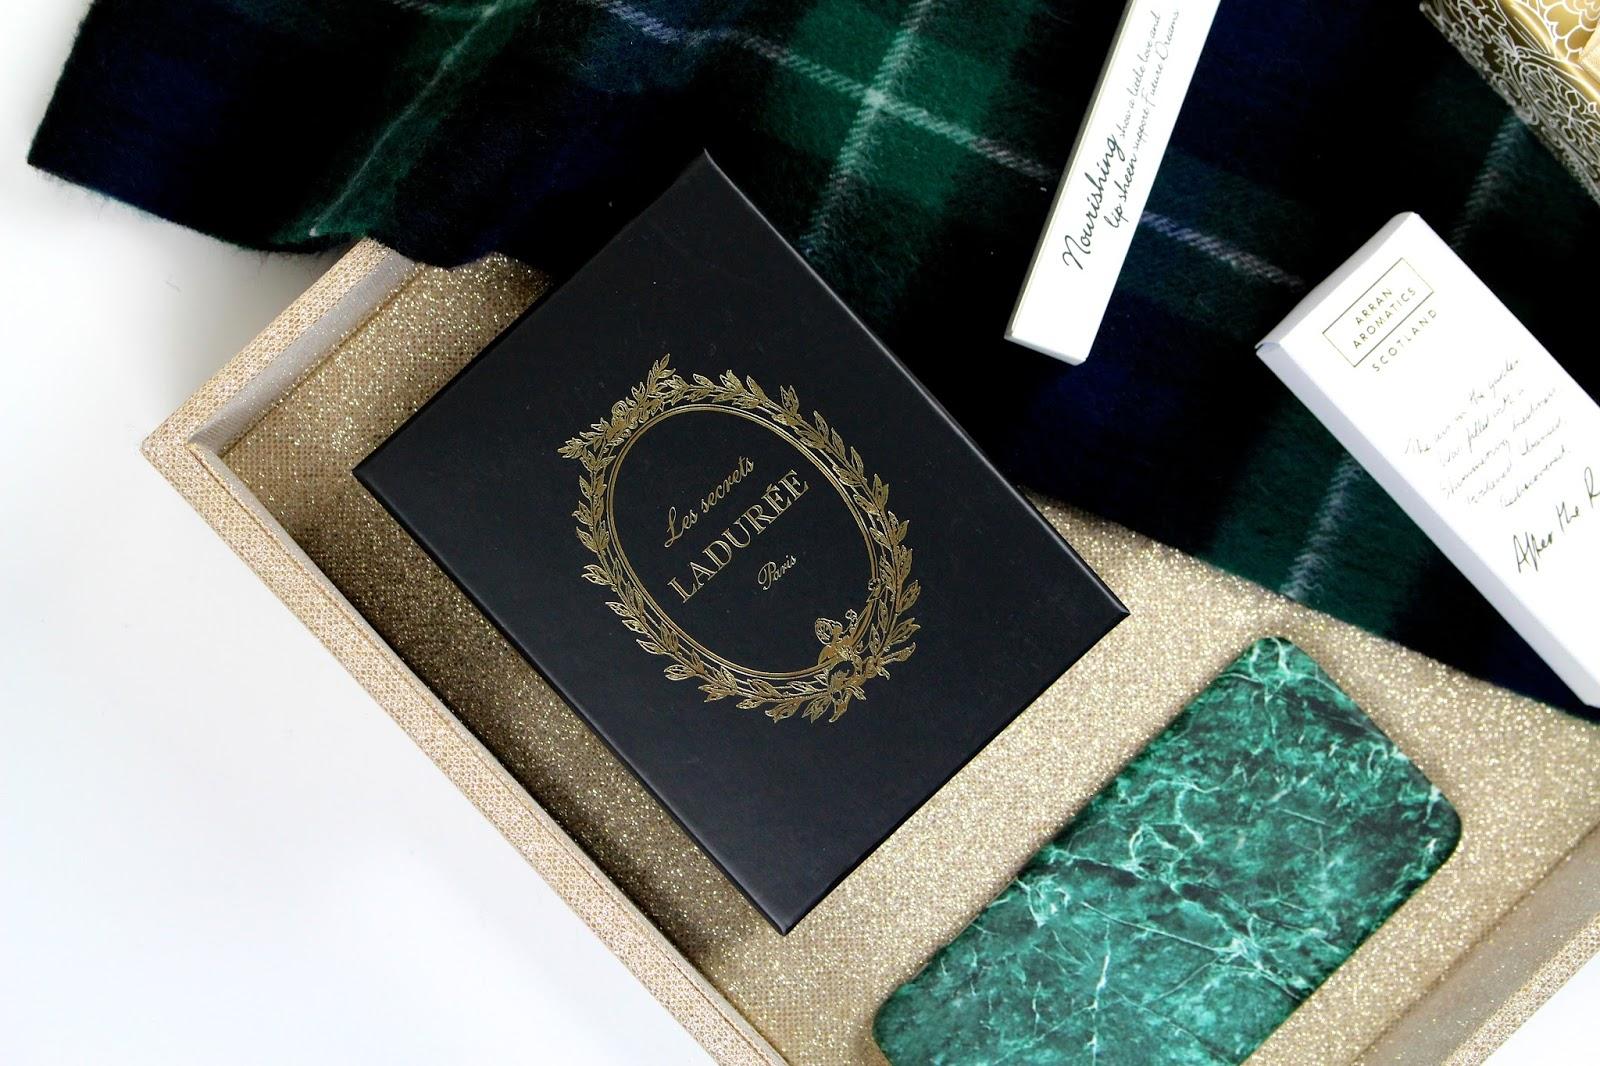 Christmas 2015 Gift Guide 2015